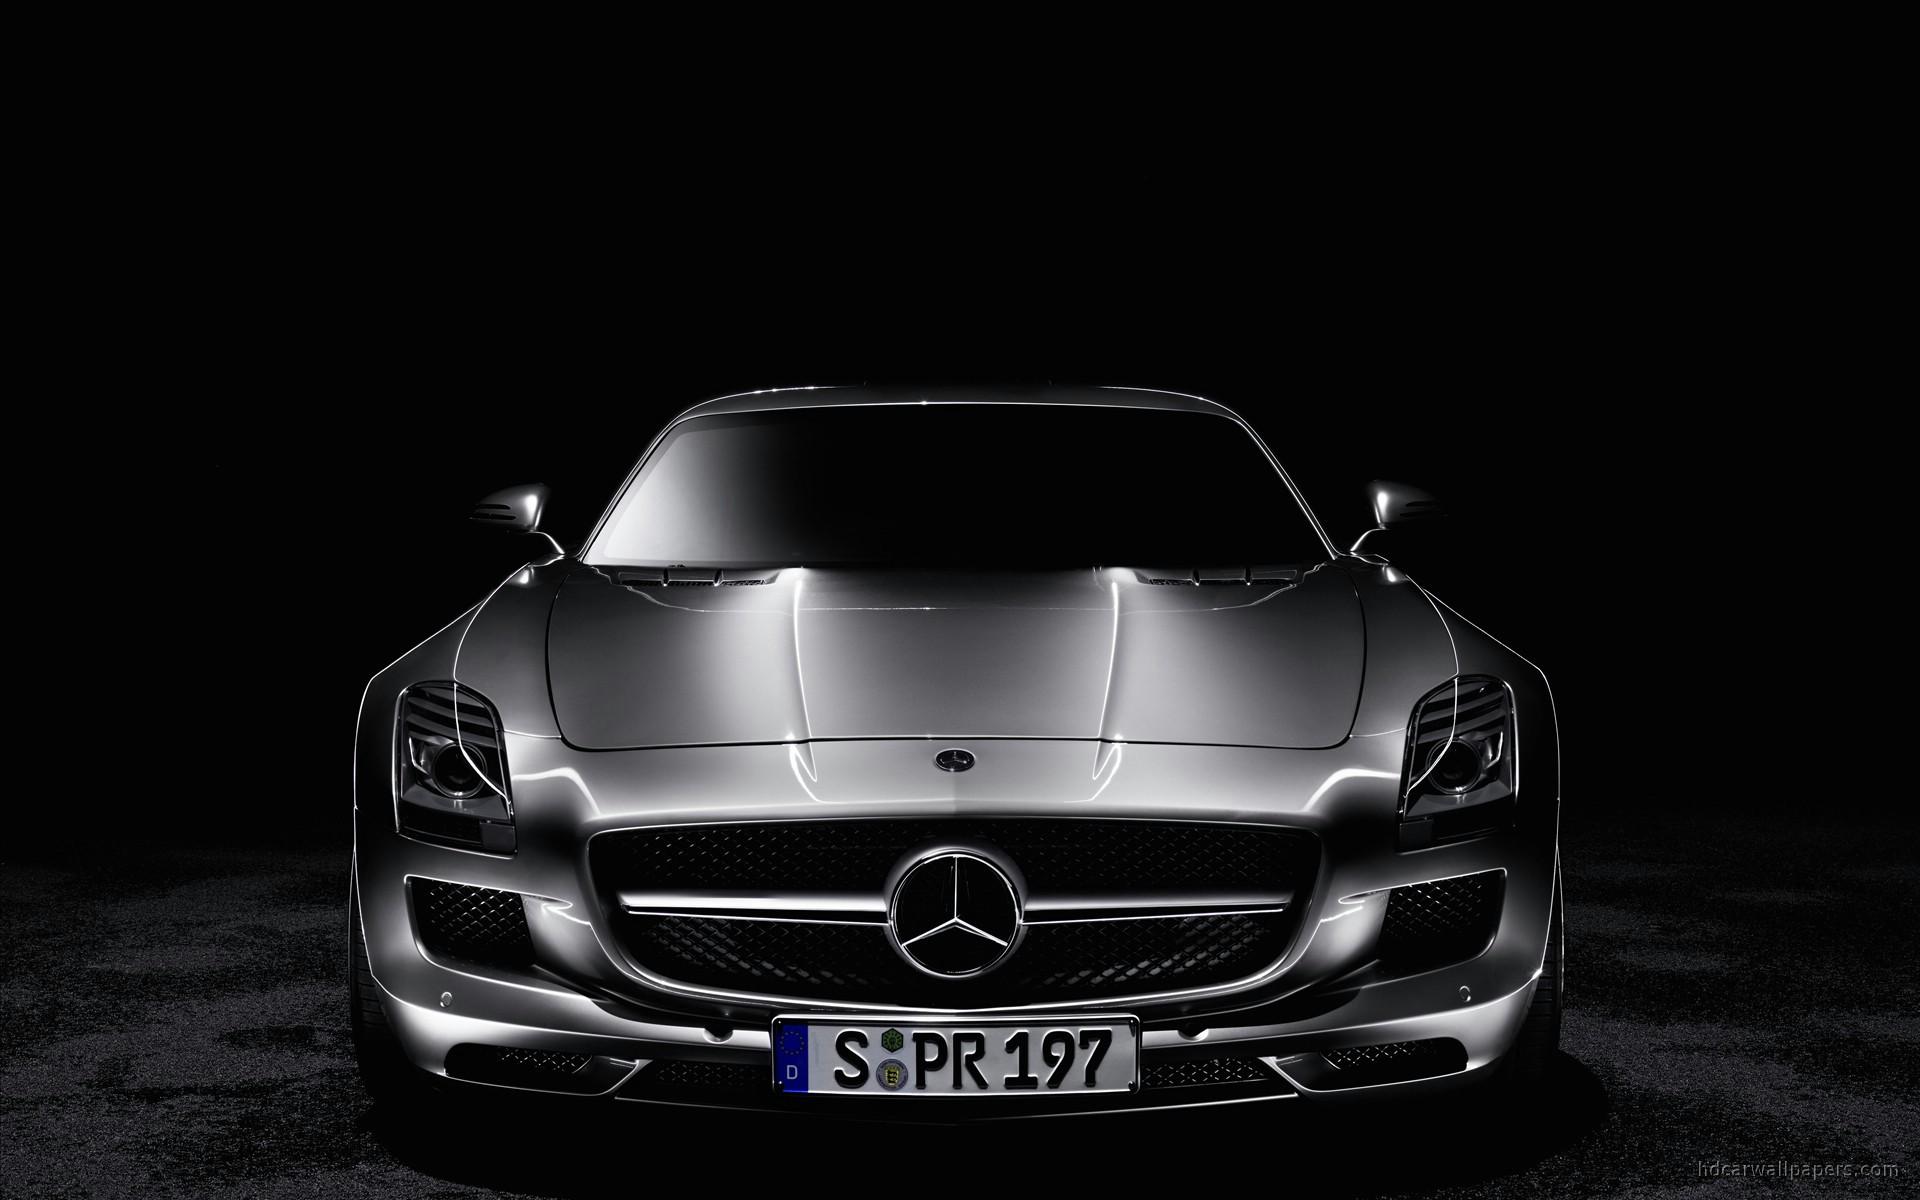 2011 Mercedes Benz SLS AMG Wallpaper HD Car Wallpapers 1920x1200